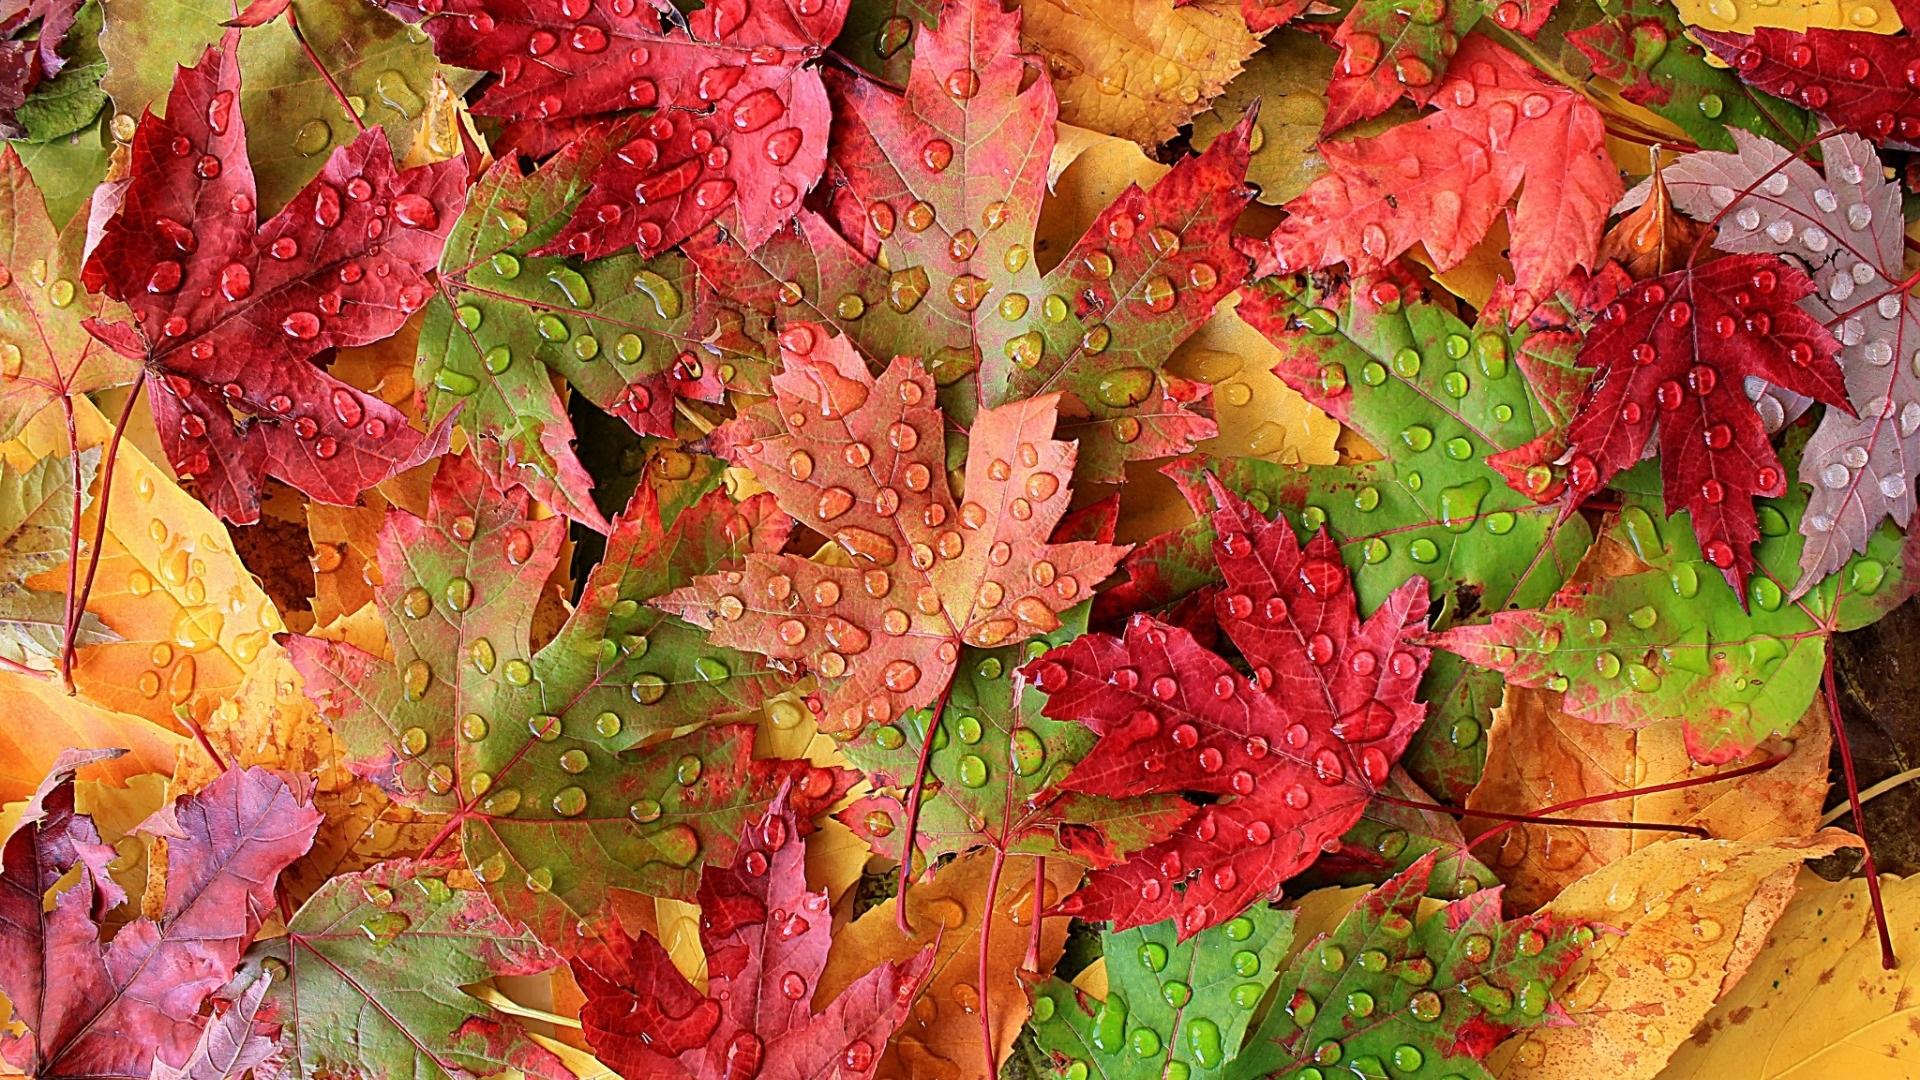 фотографиям видно, картинки с красивыми листьями лишенные